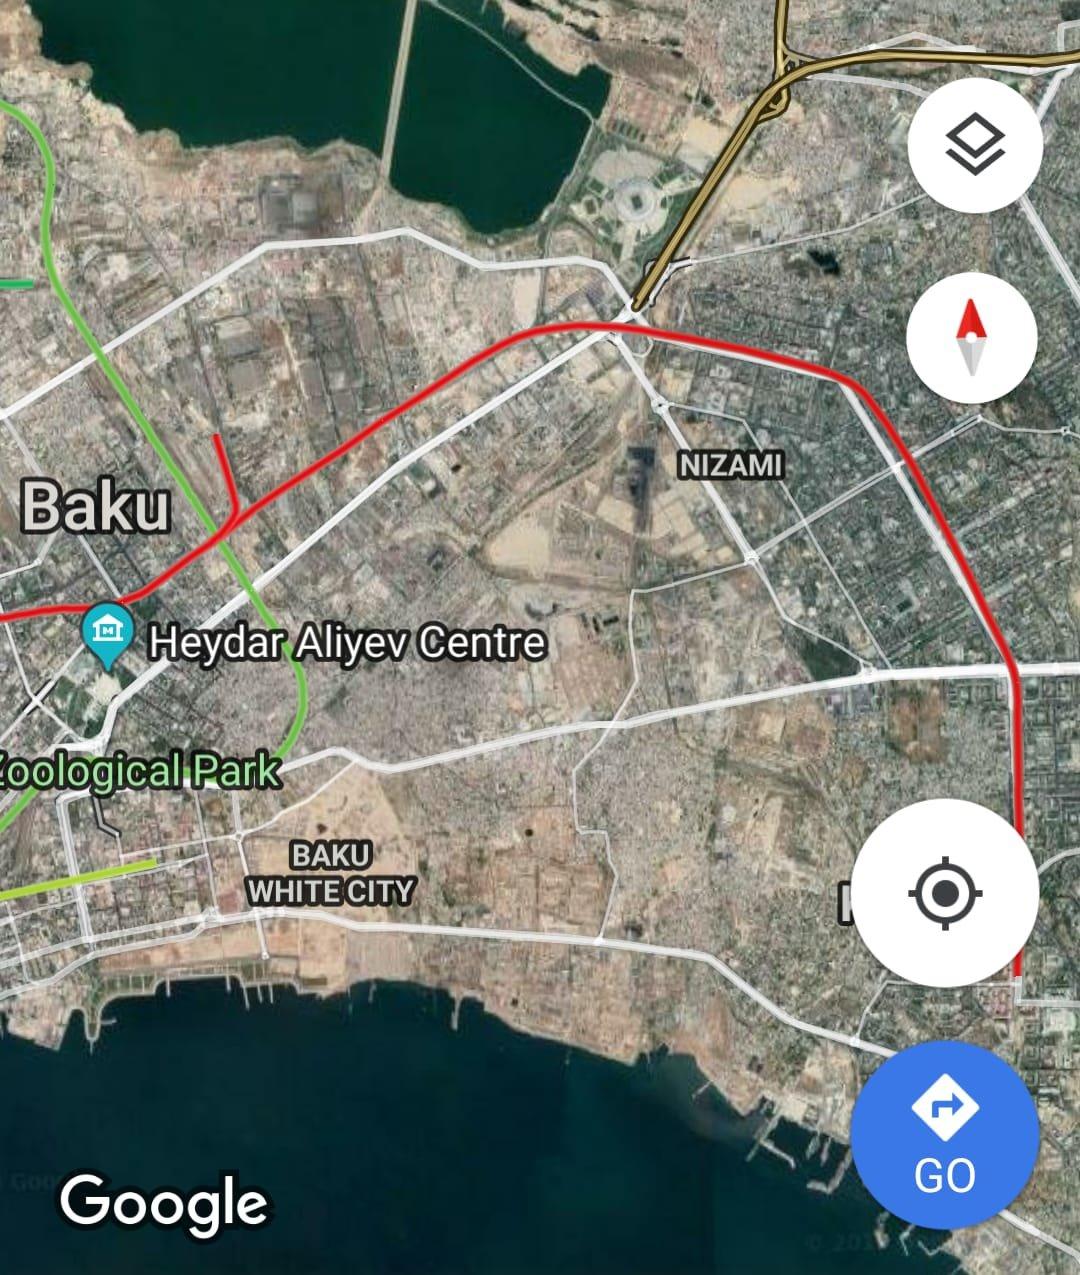 Yeni metrolar, yollar və parklar: Bakının Baş planı bizi nə ilə təəccübləndirəcək? , fotoşəkil-3